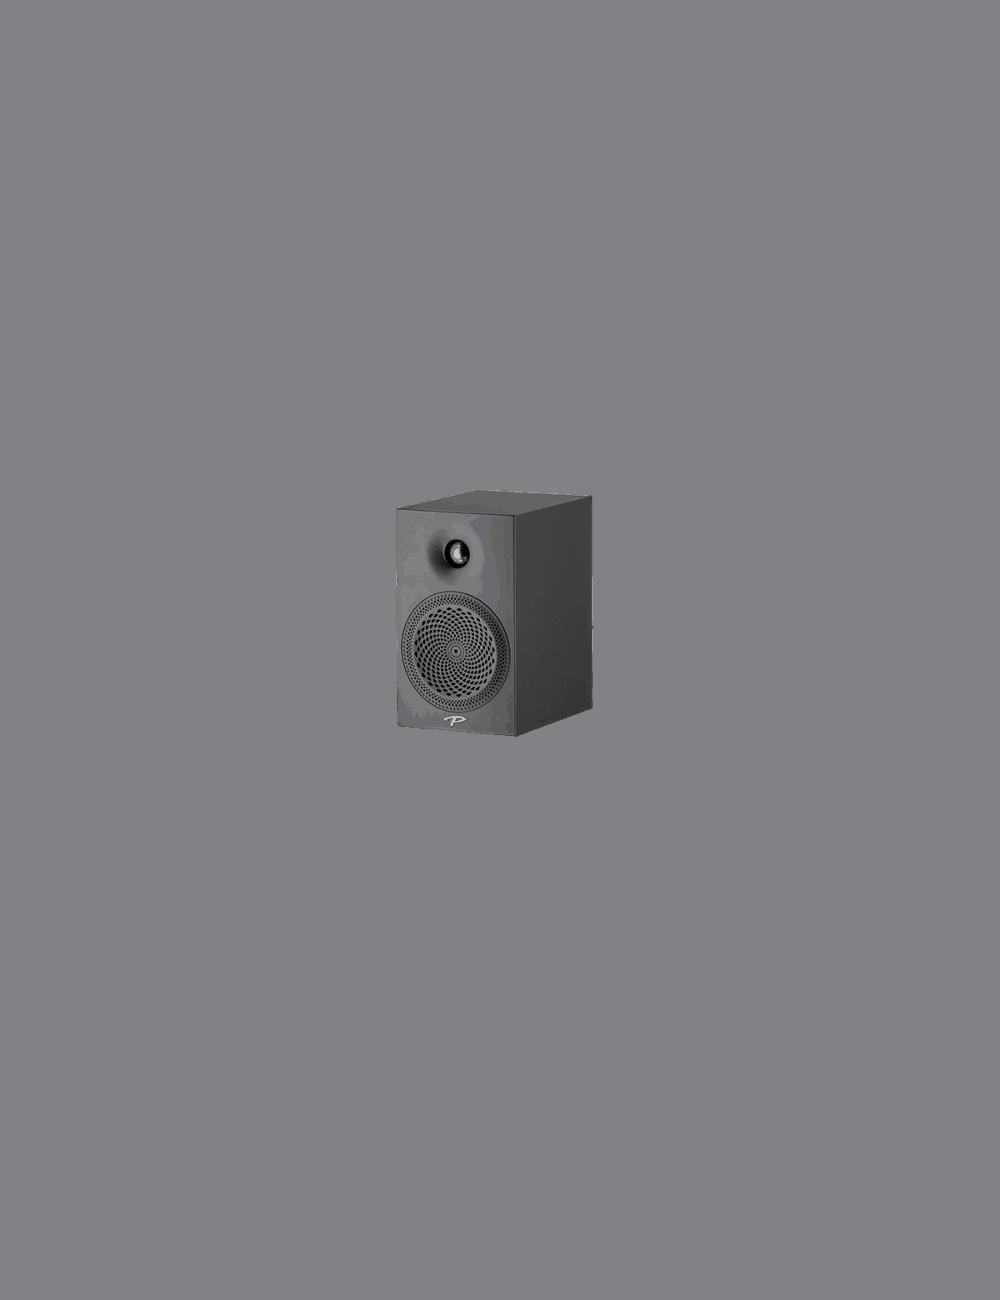 diffusori acustici da stand o da scaffale per hifi e home theater, Paradigm serie Premier modello 100B, finitura black gloss